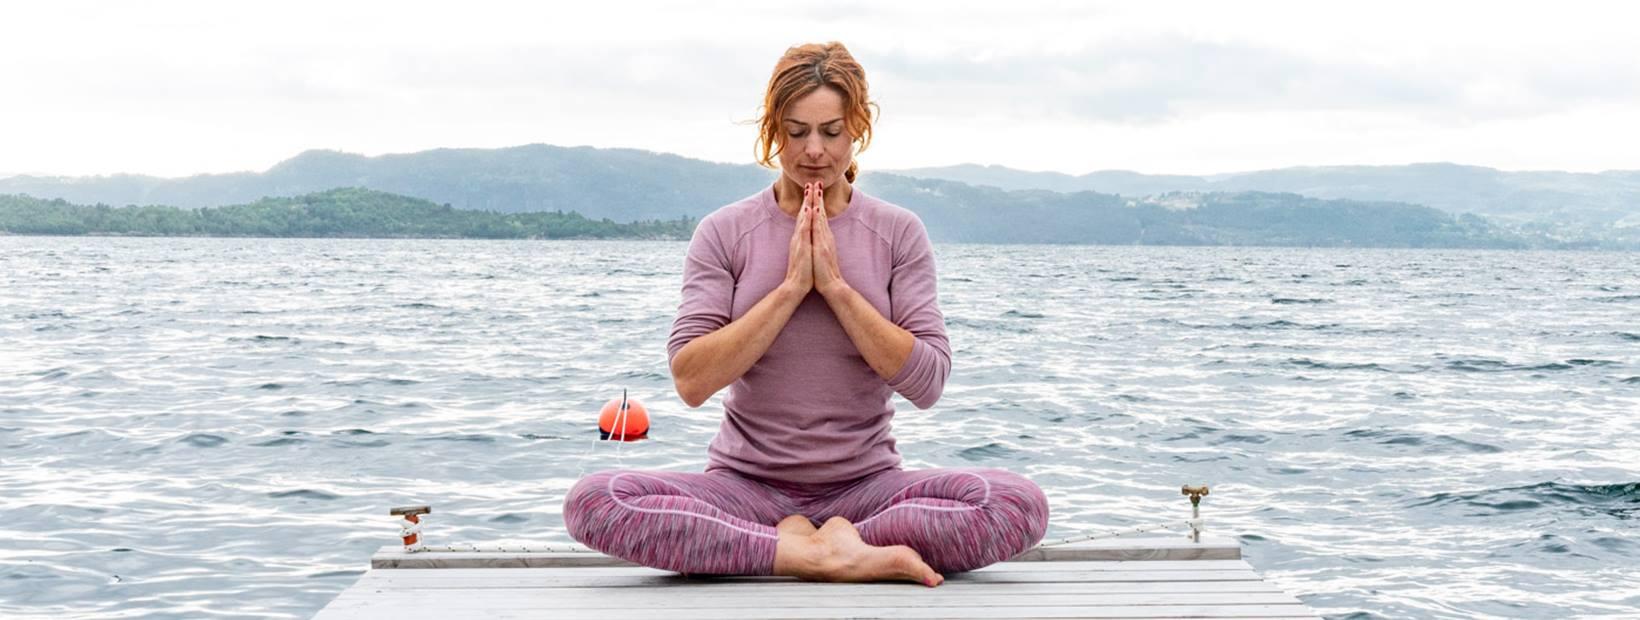 Yogahelg, yogaretreat, signe yoga, signeyoga, signe schineller, signe schineller blogg, run & relax, yogaklær, yogabukse, yogatopp, ginger, redhead, yoga, meditasjon, yoga i rosendal, yoga rosendal, hardangerfjorden, visit norway, rosendal event